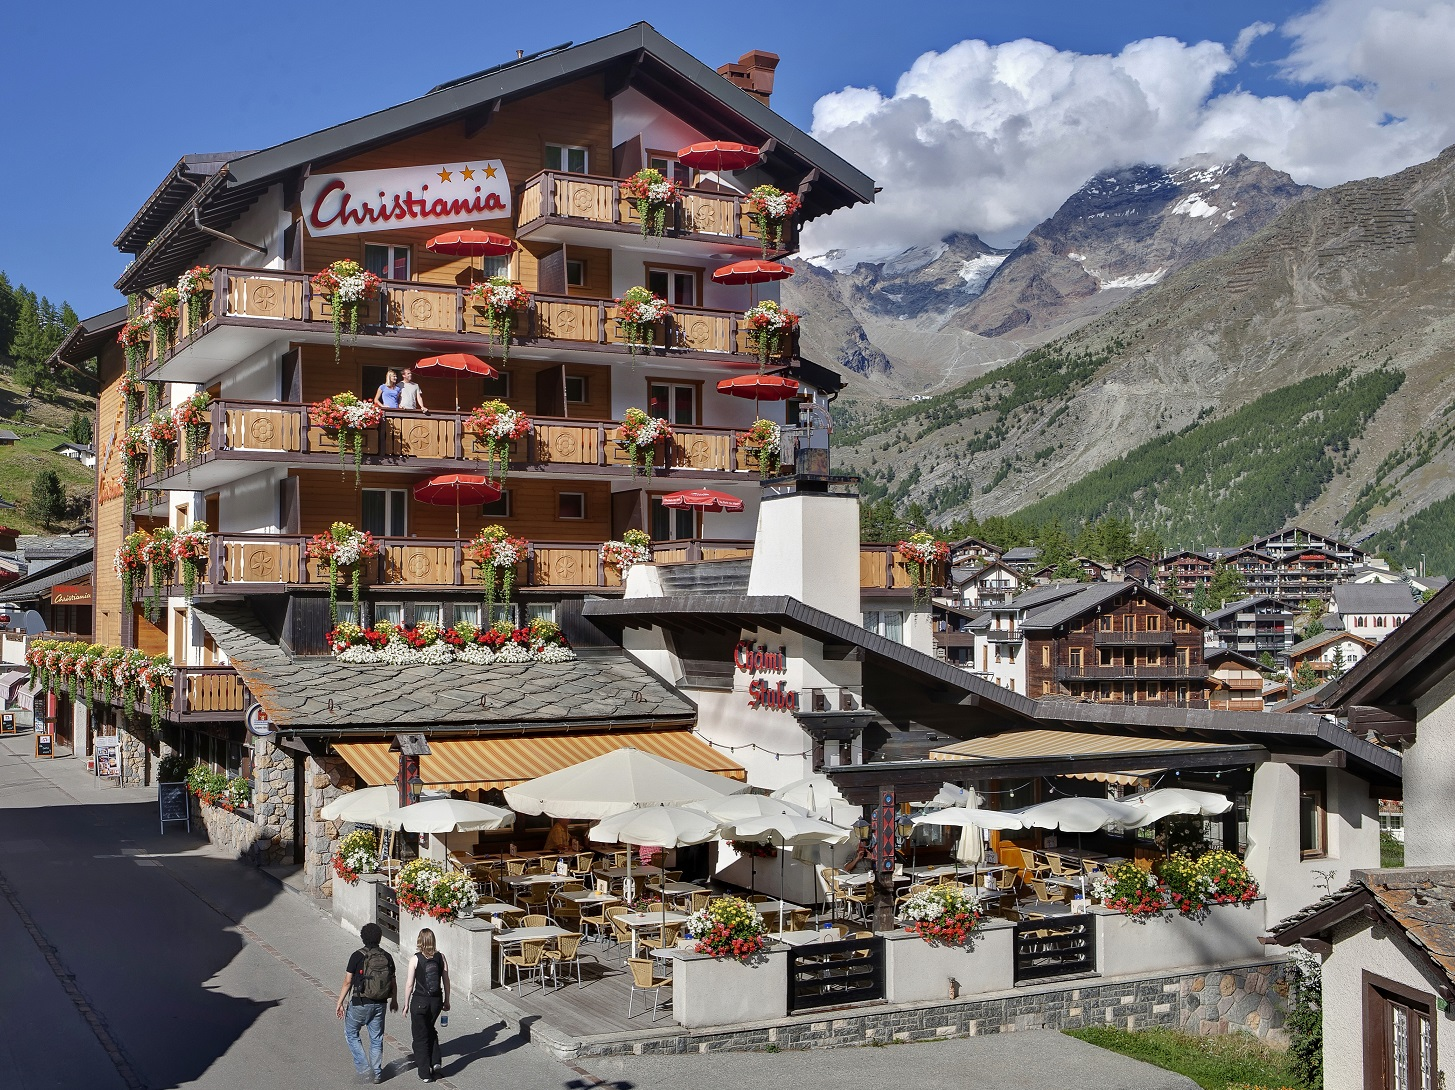 Hotel Ia Saas Fee 3 Stars Aussenansicht Sommer Winterbild Aussenfade